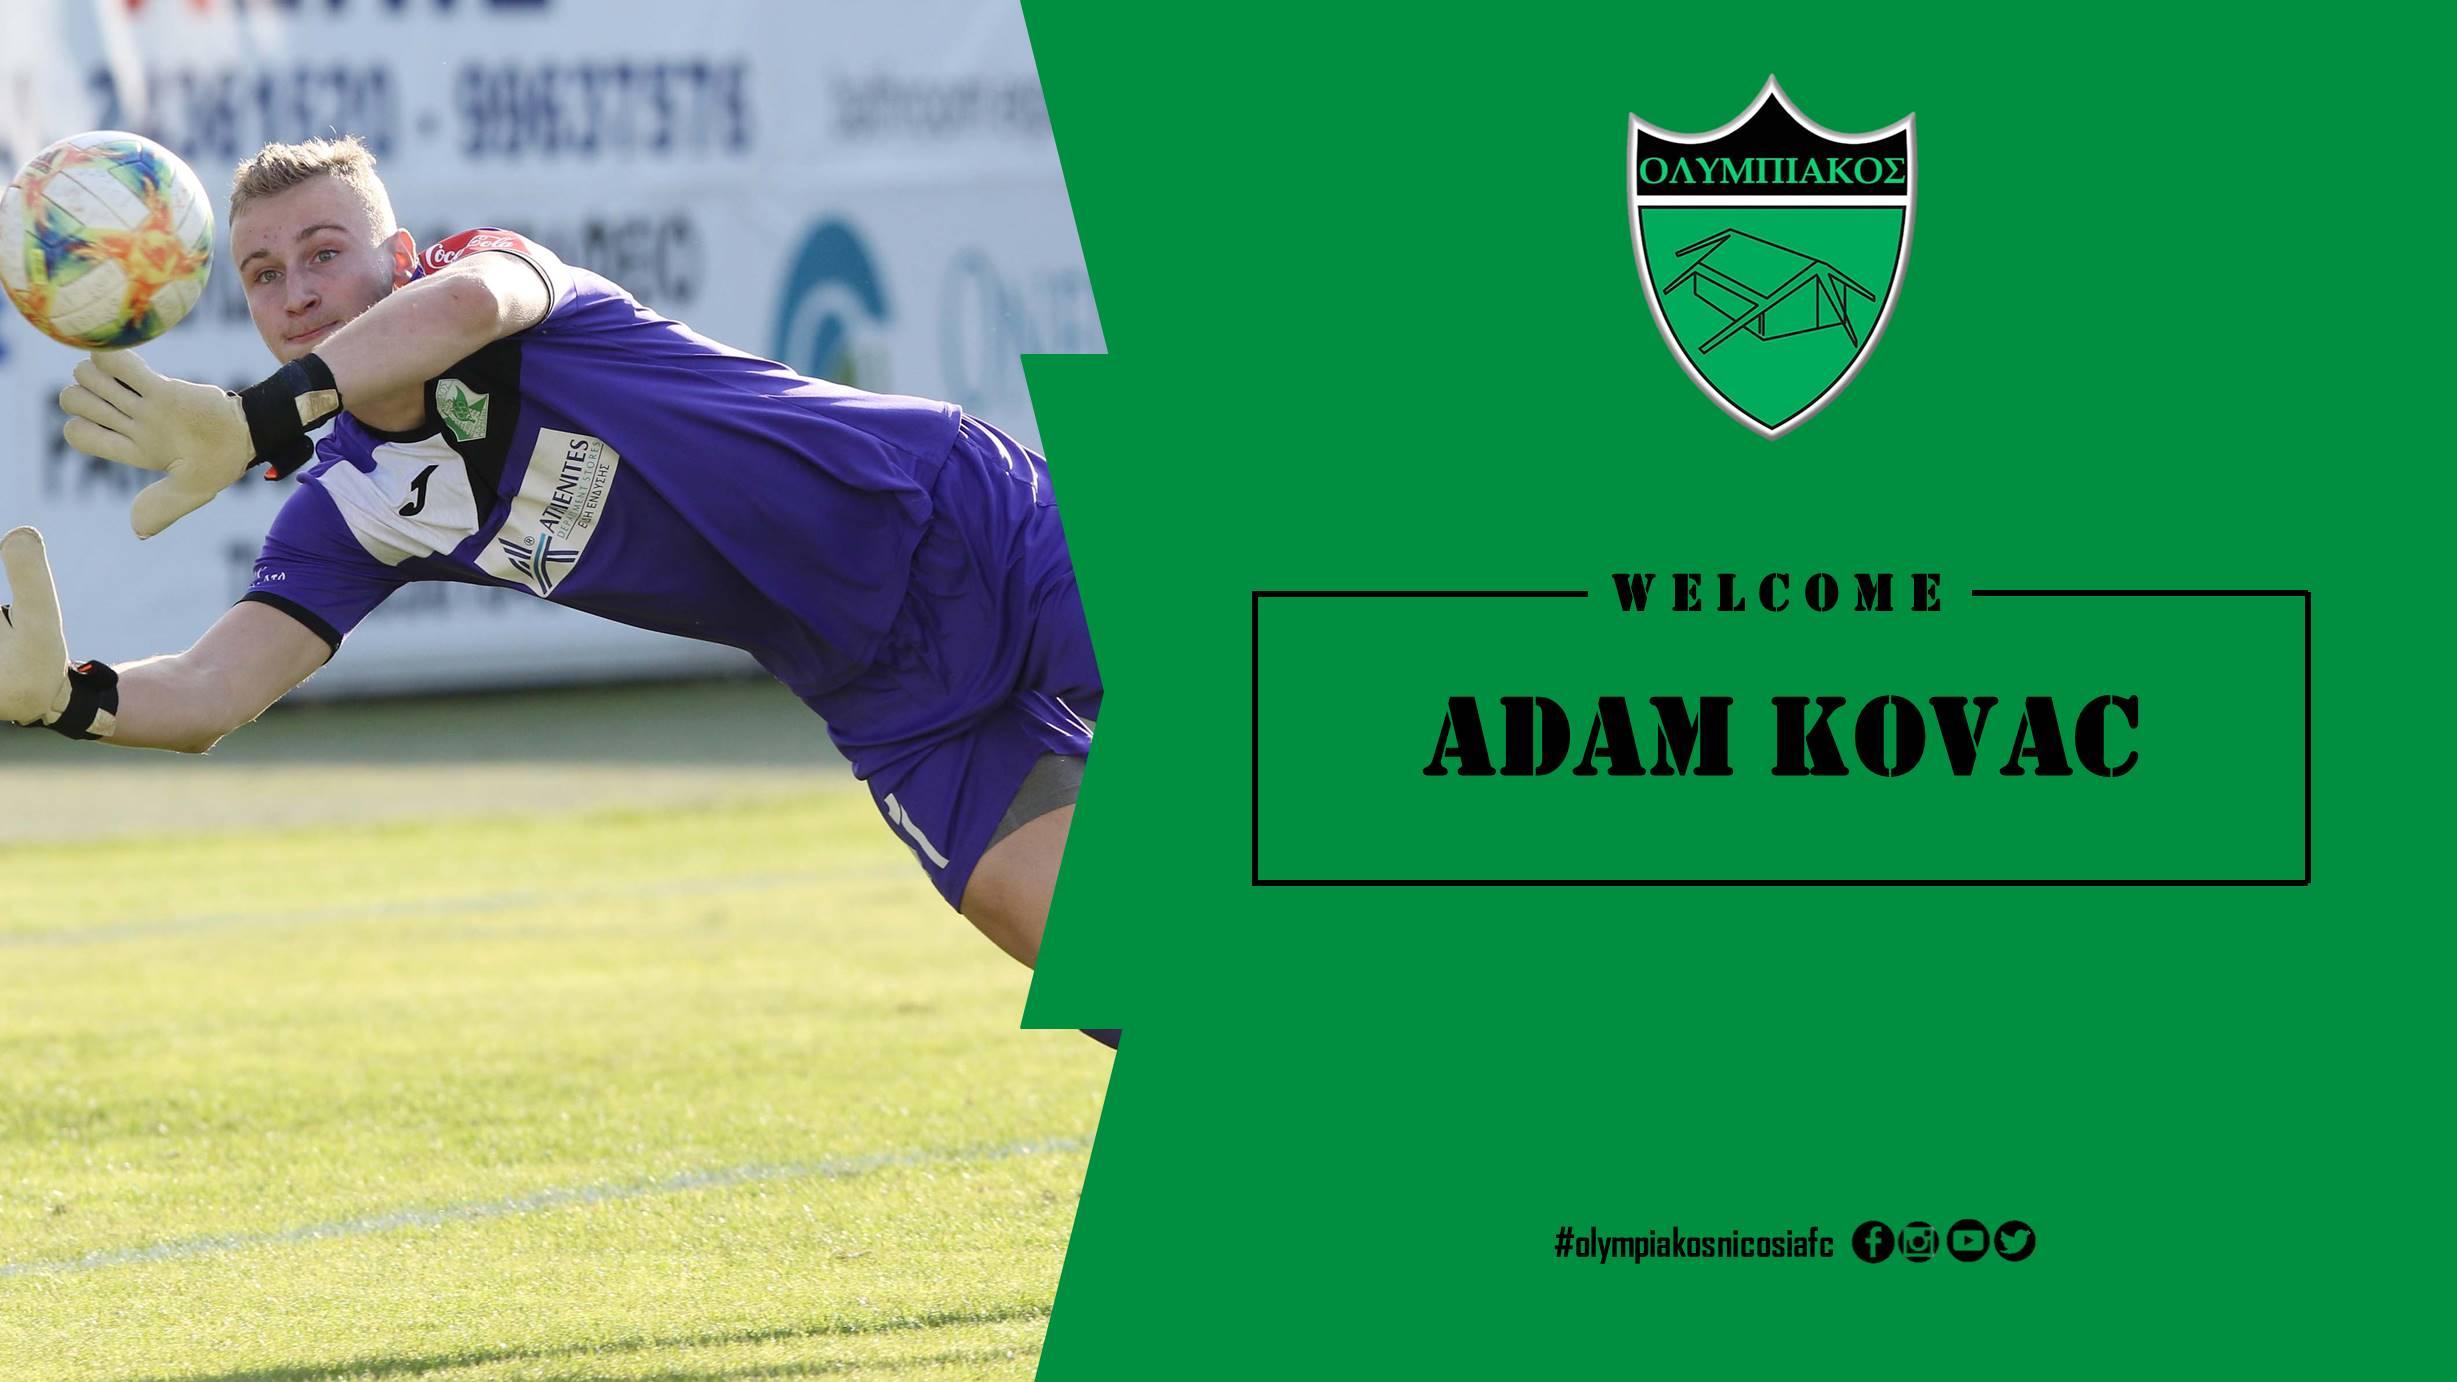 kovac website